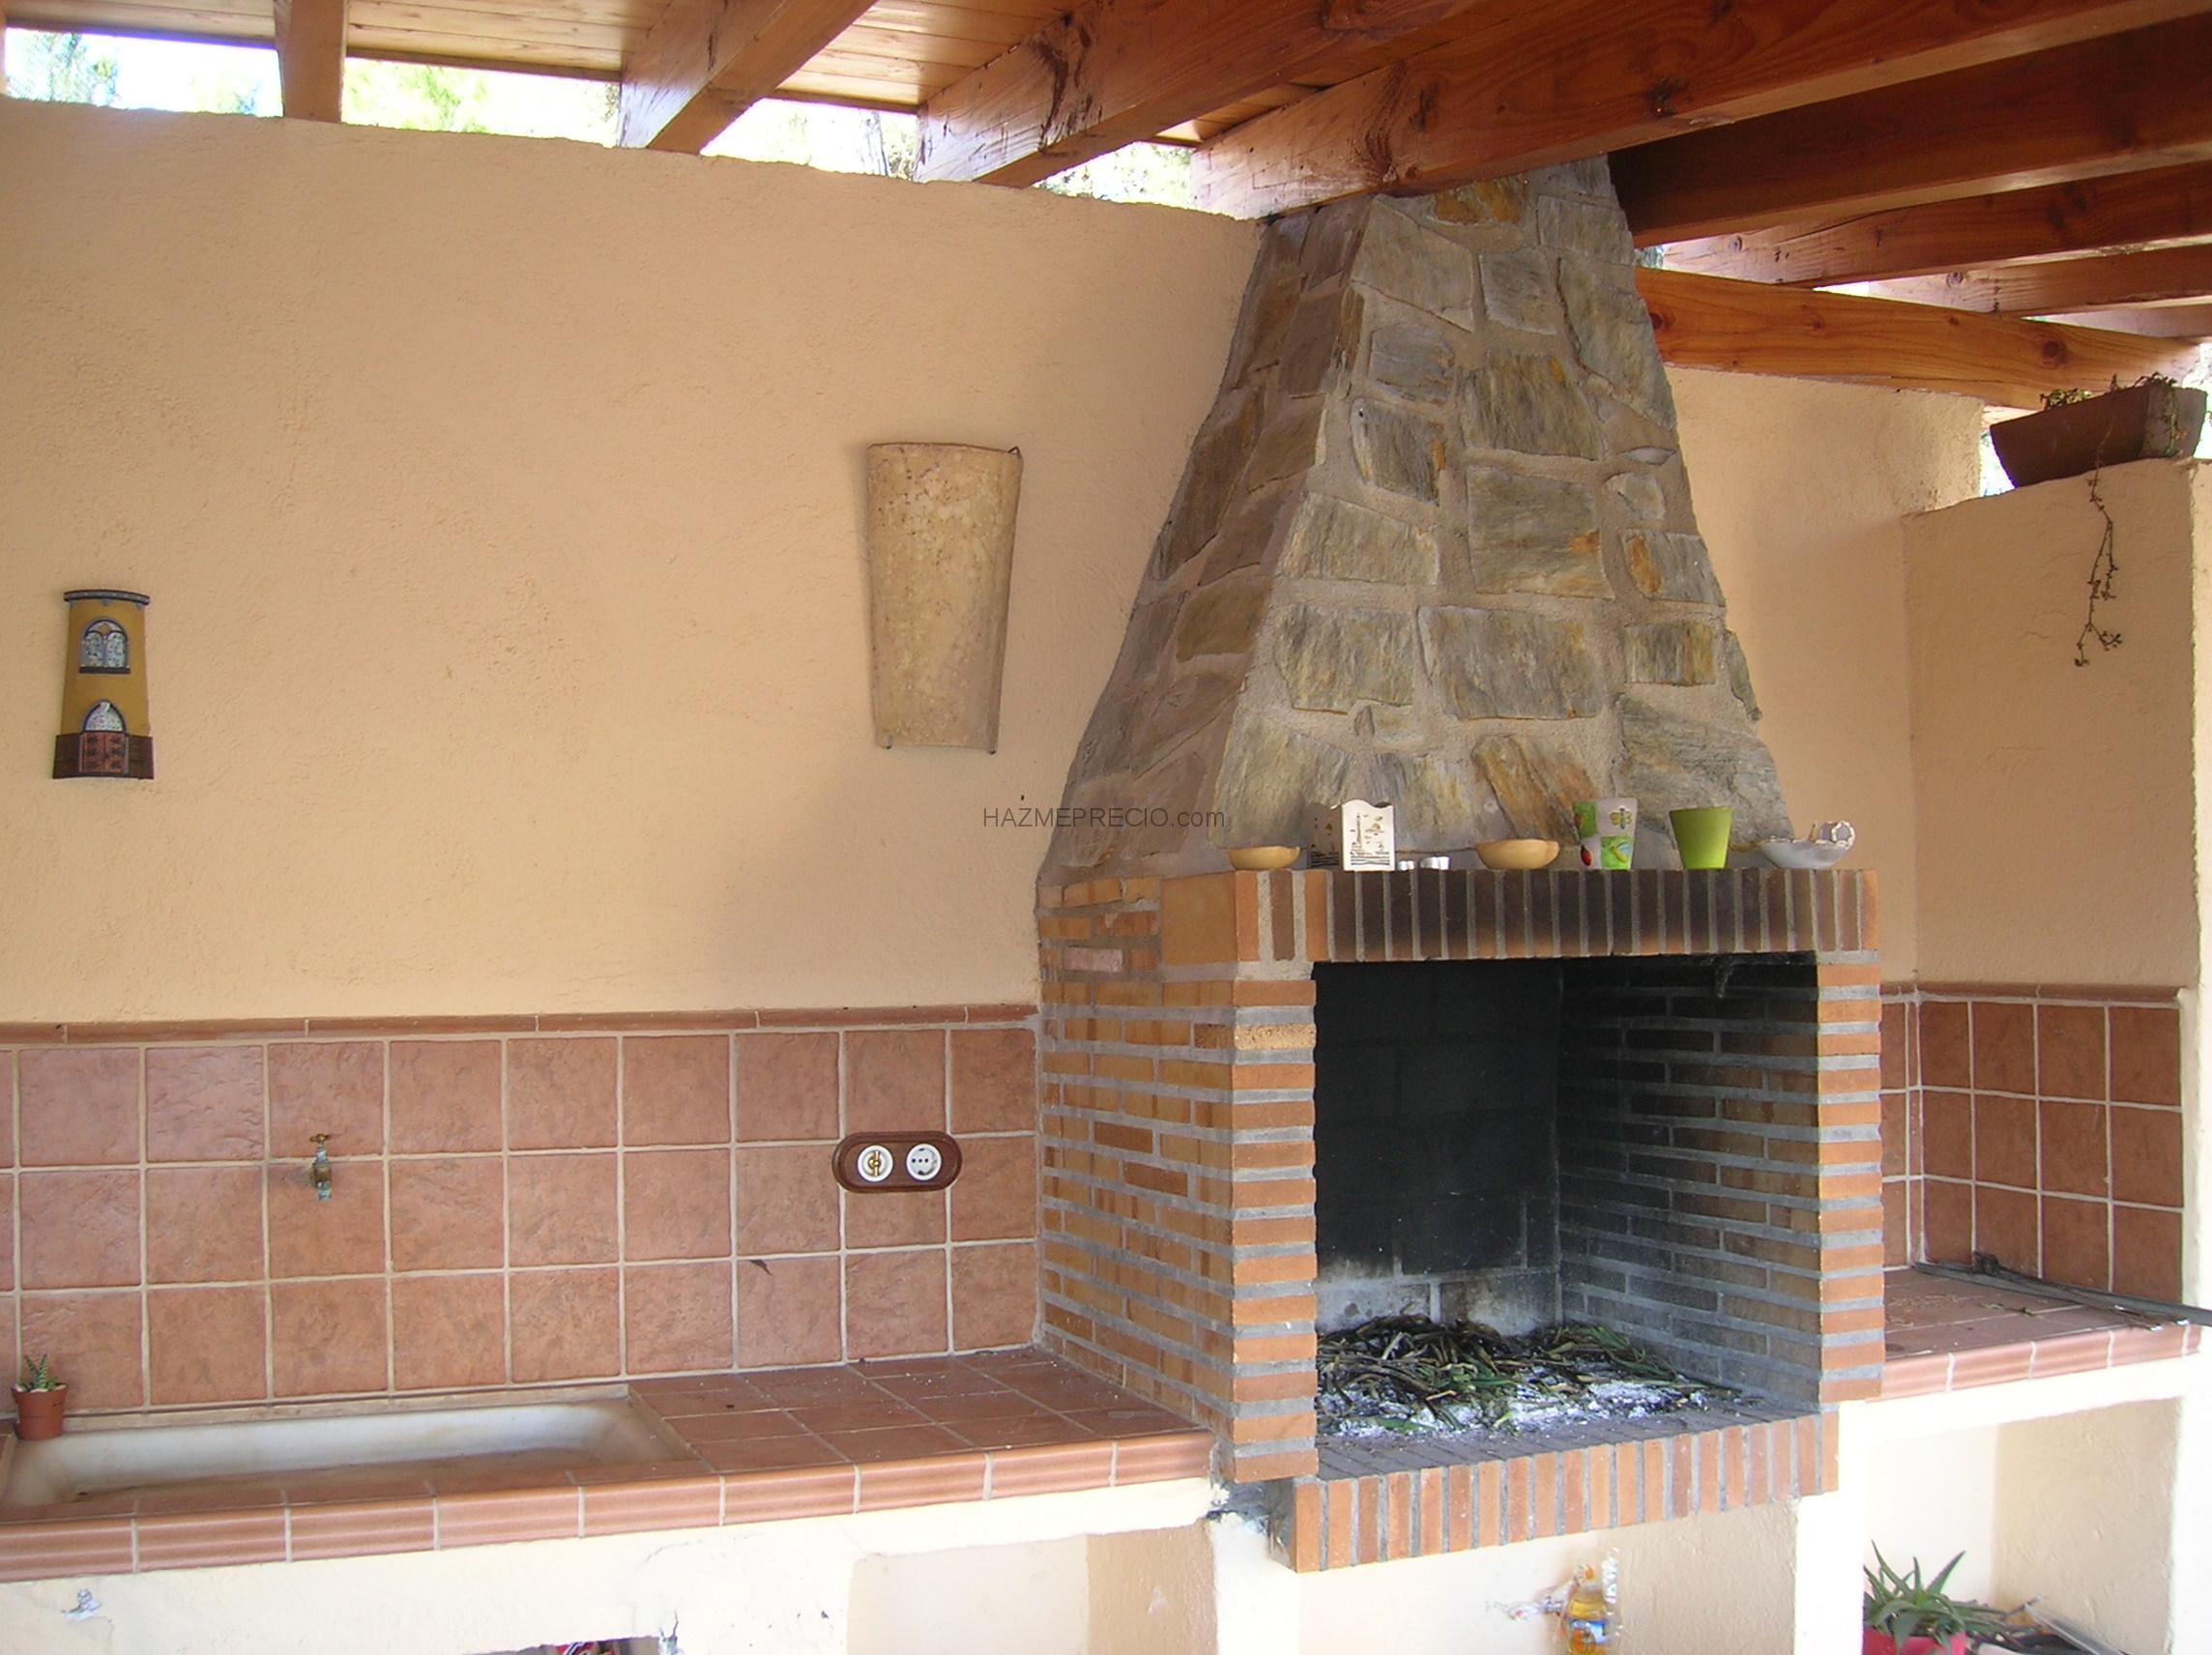 Construcciones boladeres 08212 sant lloren savall barcelona - Barbacoas rusticas ladrillo ...